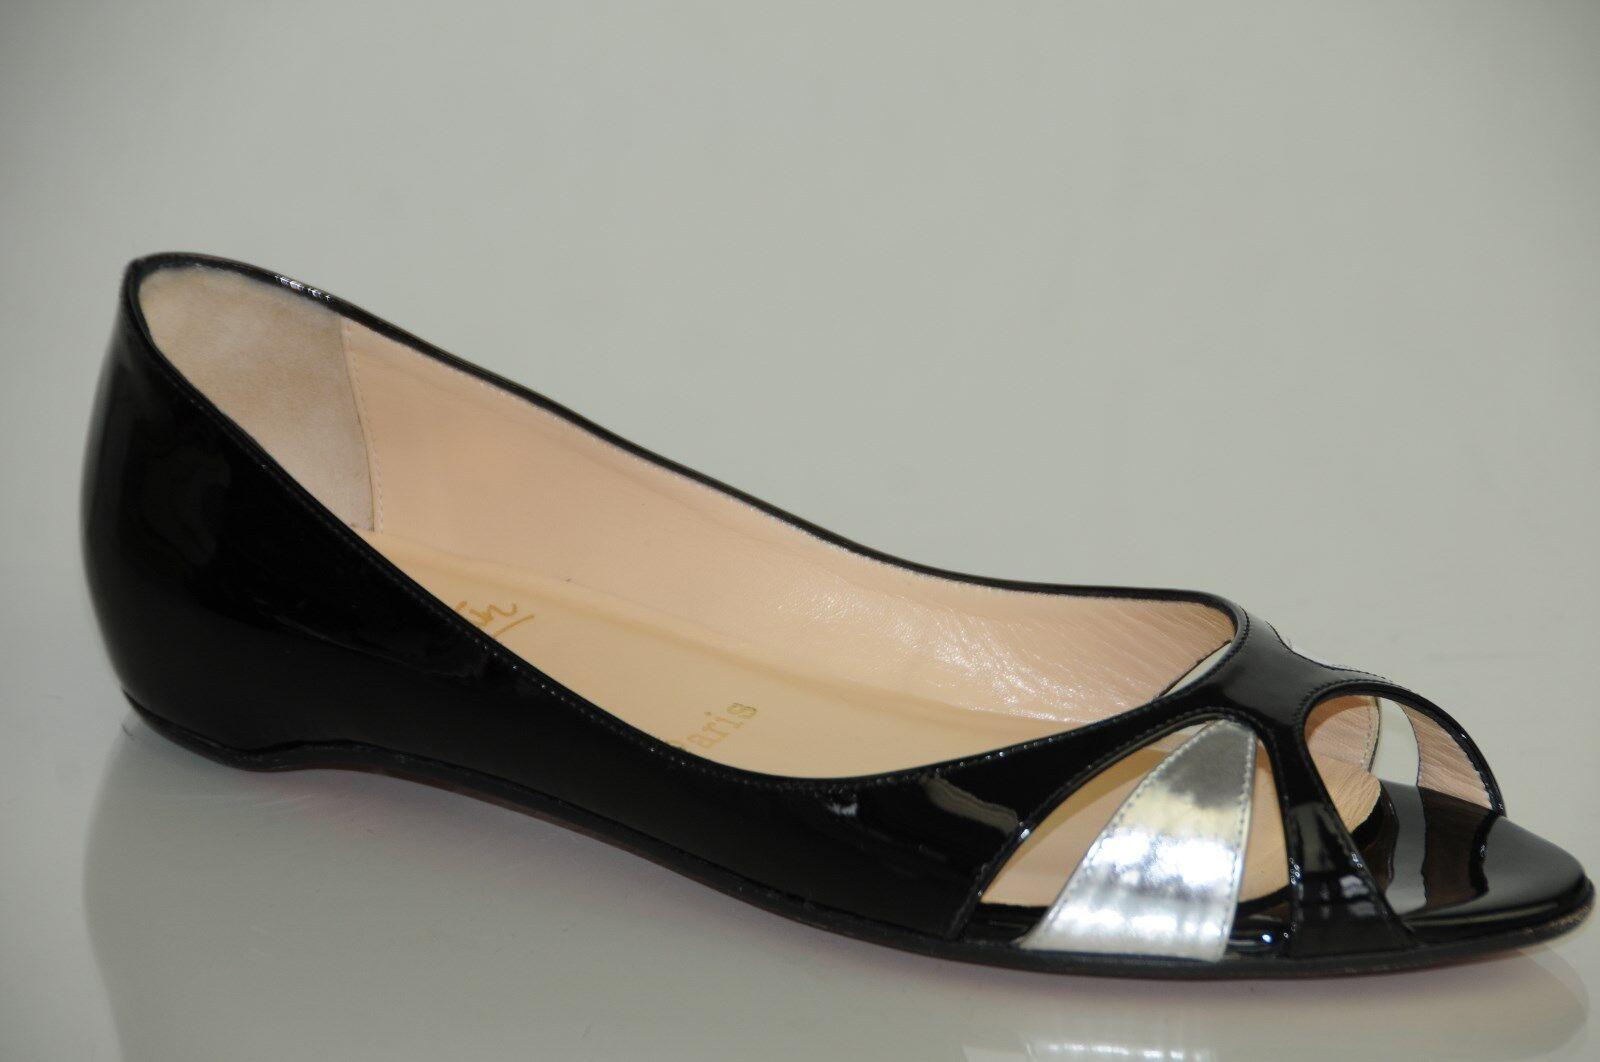 Nuevo Nuevo Nuevo Christian Louboutin Negro Plata patente Tami Cerrado abierto Flats Zapatos 39,5 9  Centro comercial profesional integrado en línea.